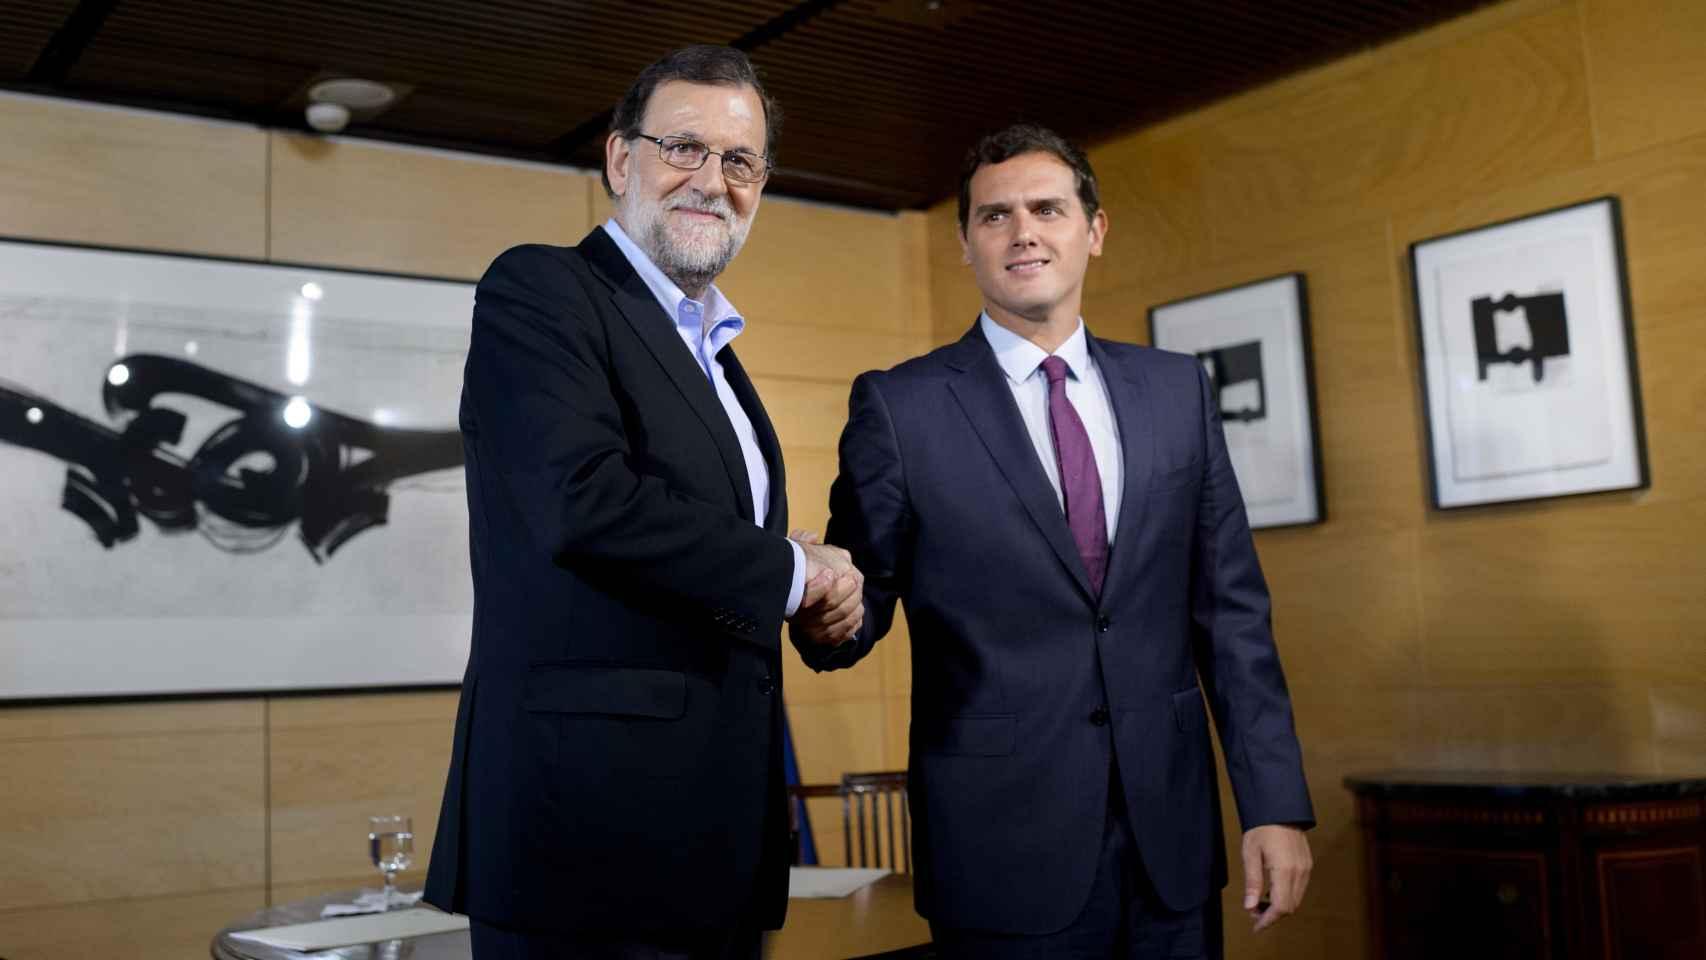 Mariano Rajoy y Albert Rivera durante su reunión en el Congreso.